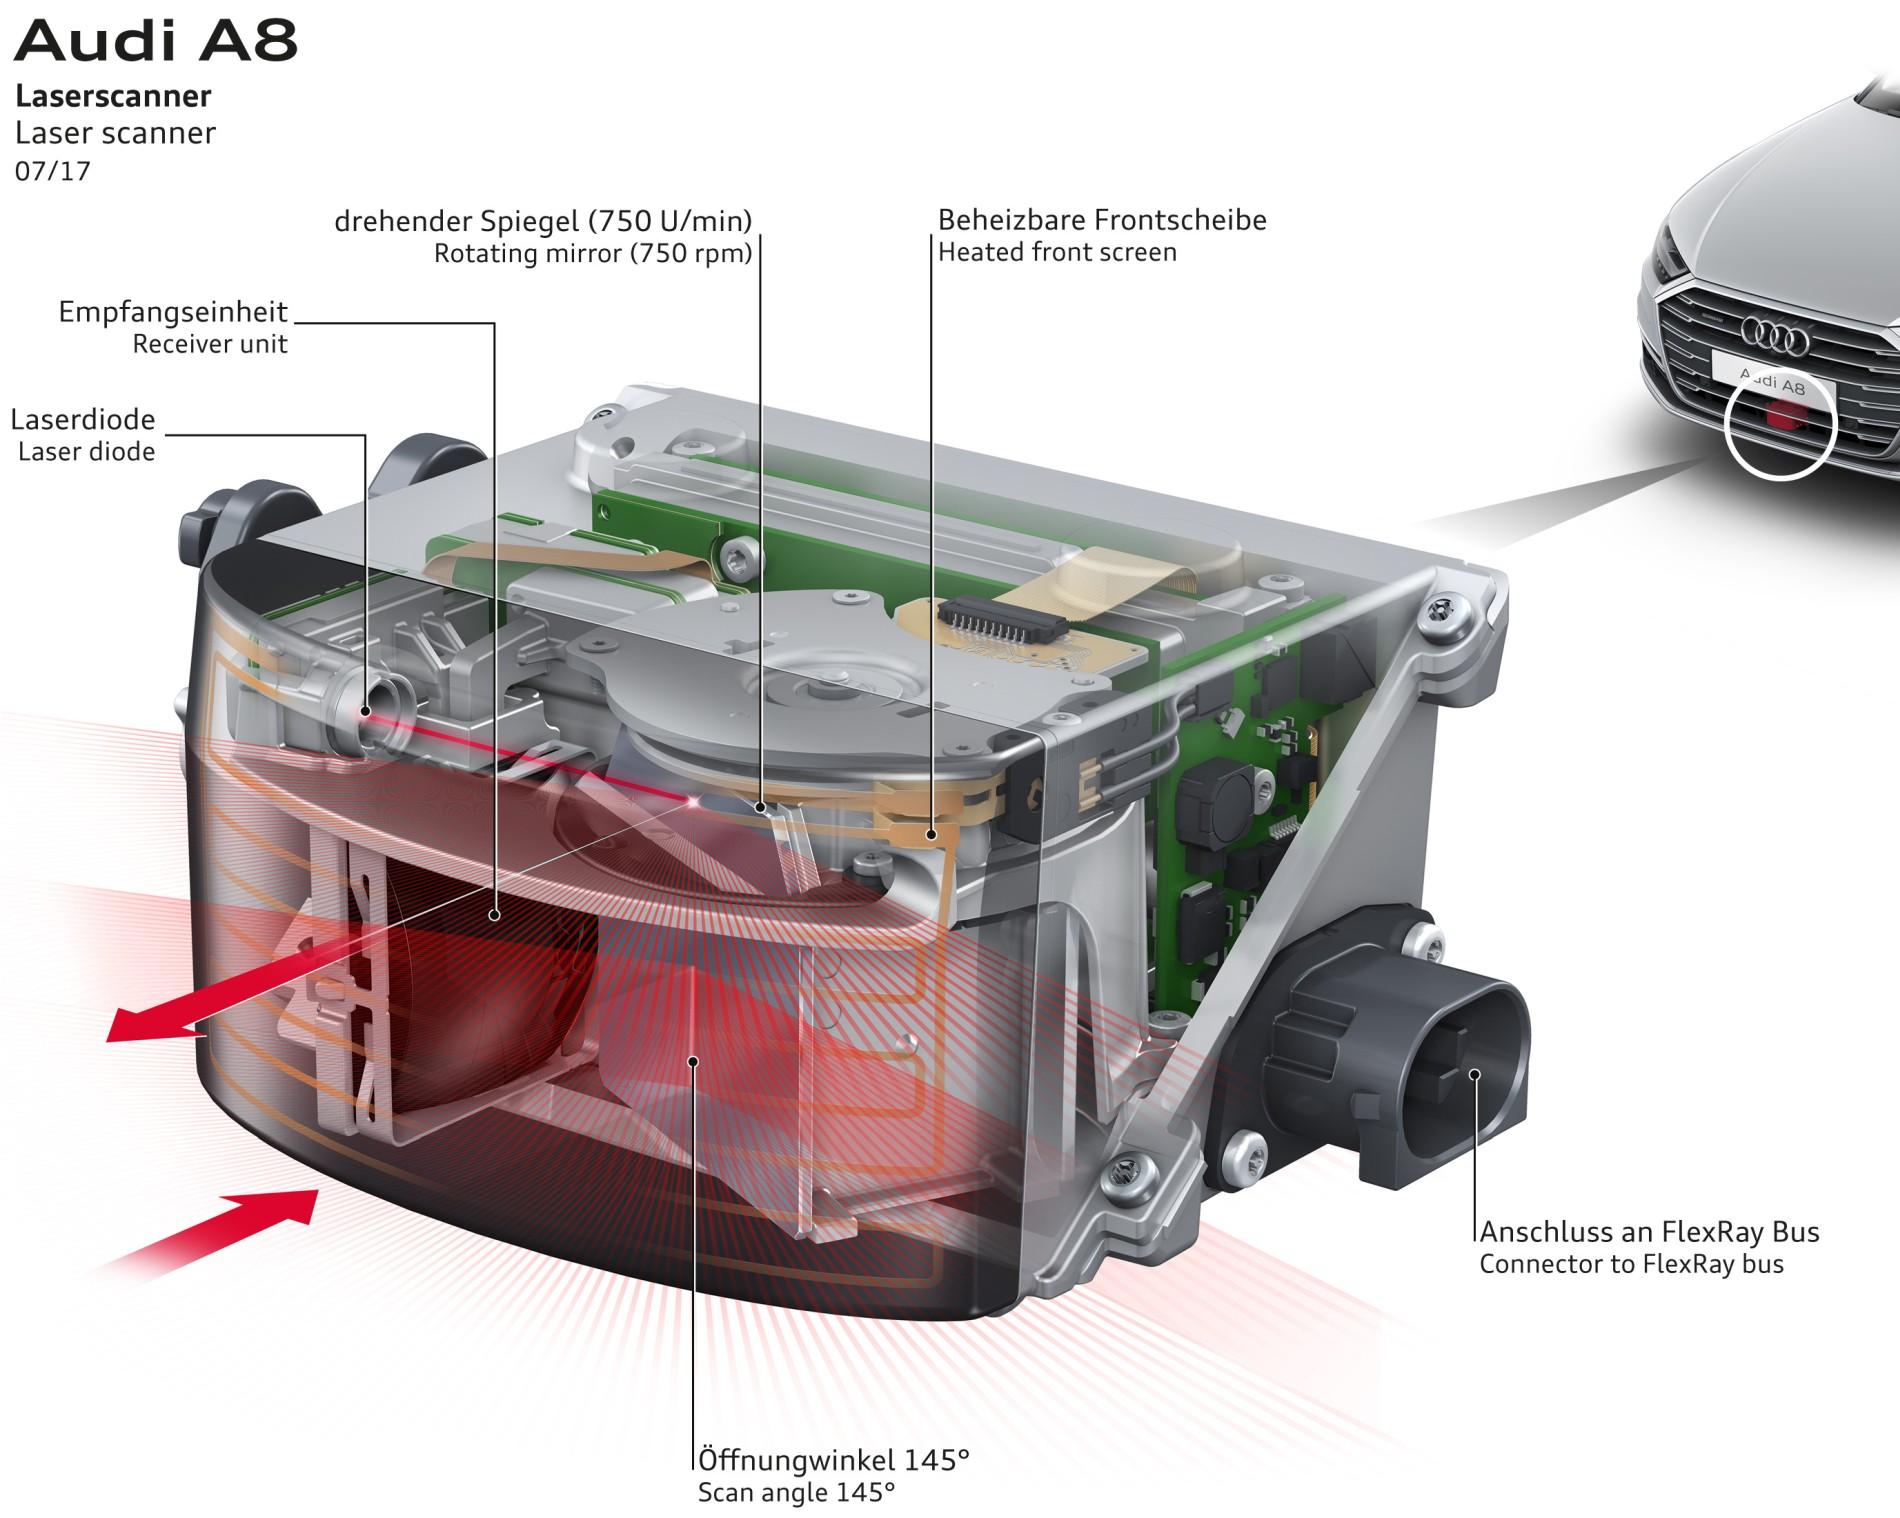 Laserscanner Audi A8